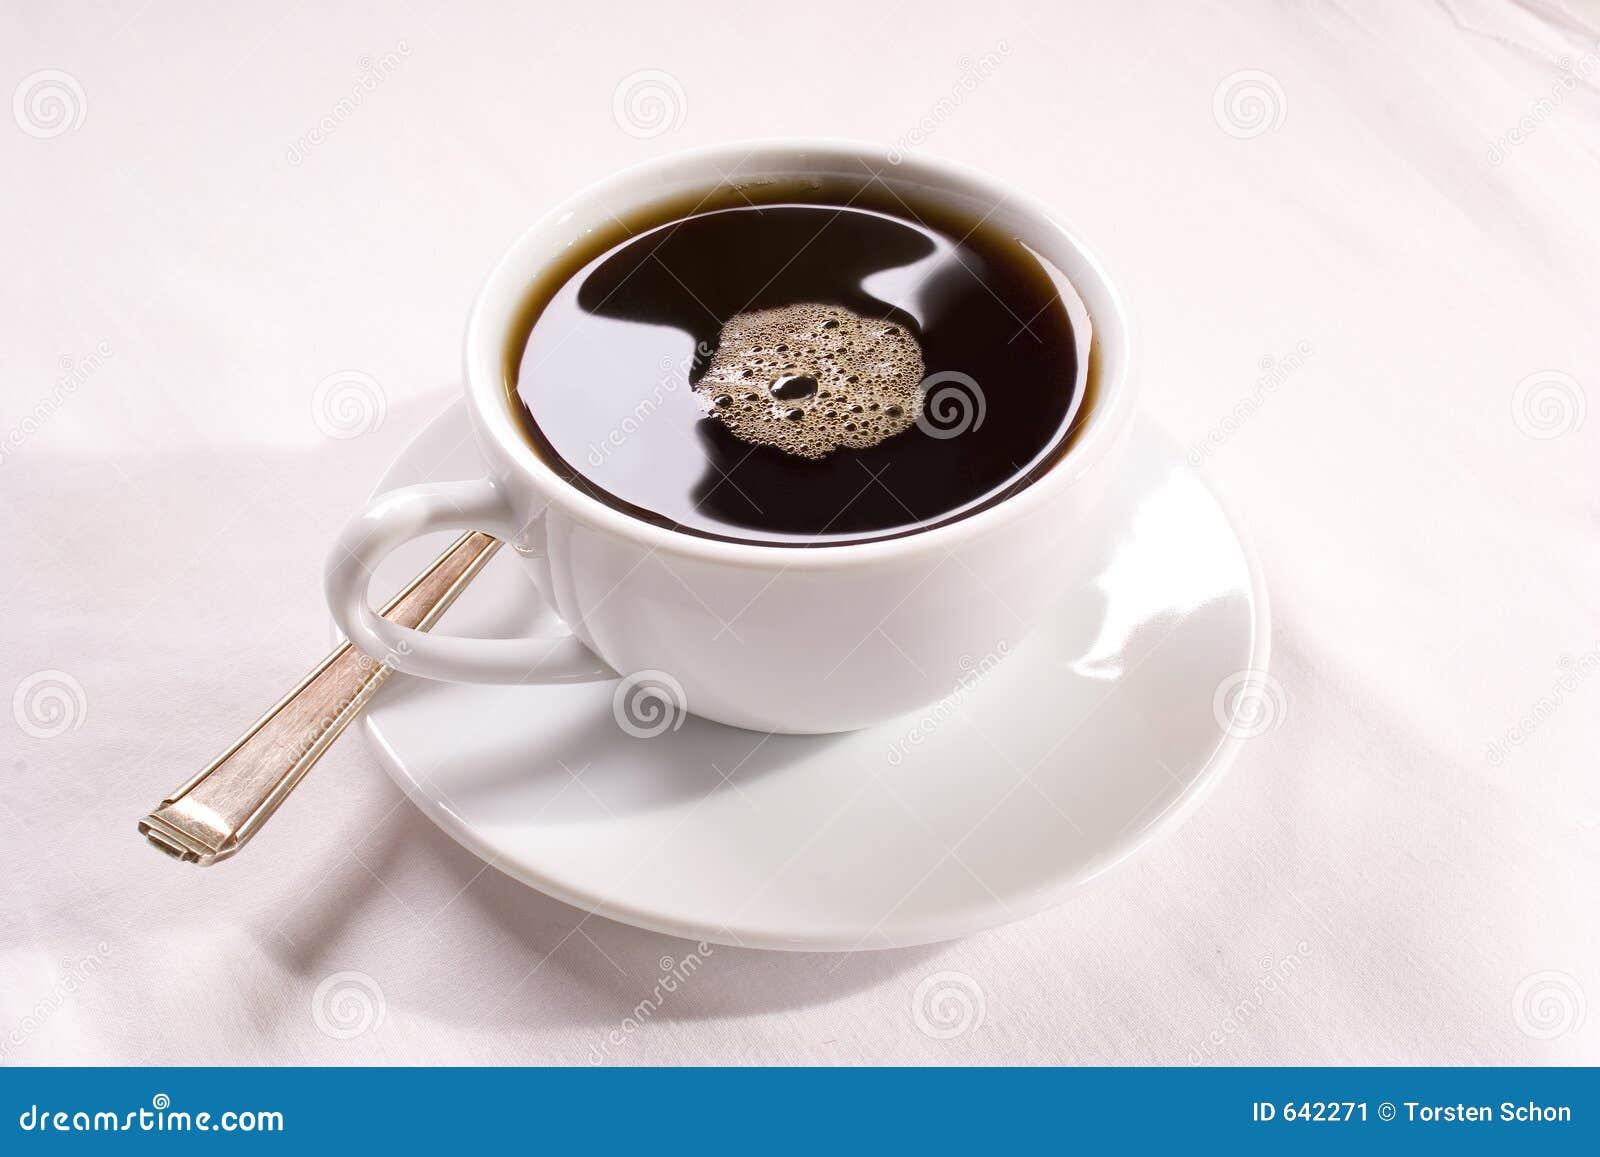 Download клокочет потек кофе стоковое изображение. изображение насчитывающей вкус - 642271